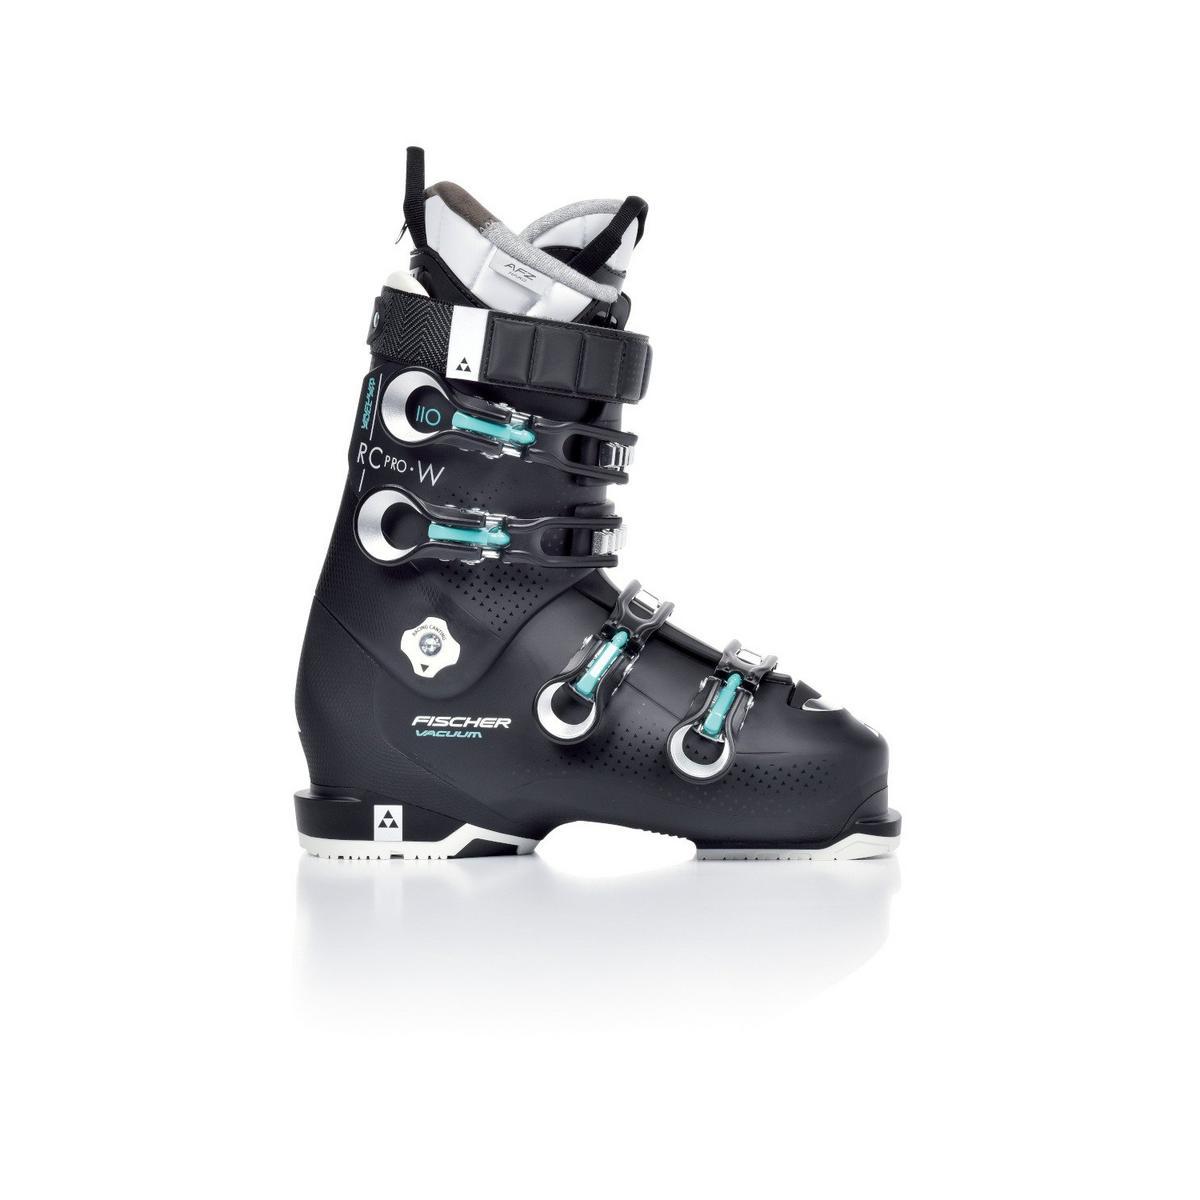 Fischer Women's RC Pro 110 Vacuum Full Fit Ski Boot - Black